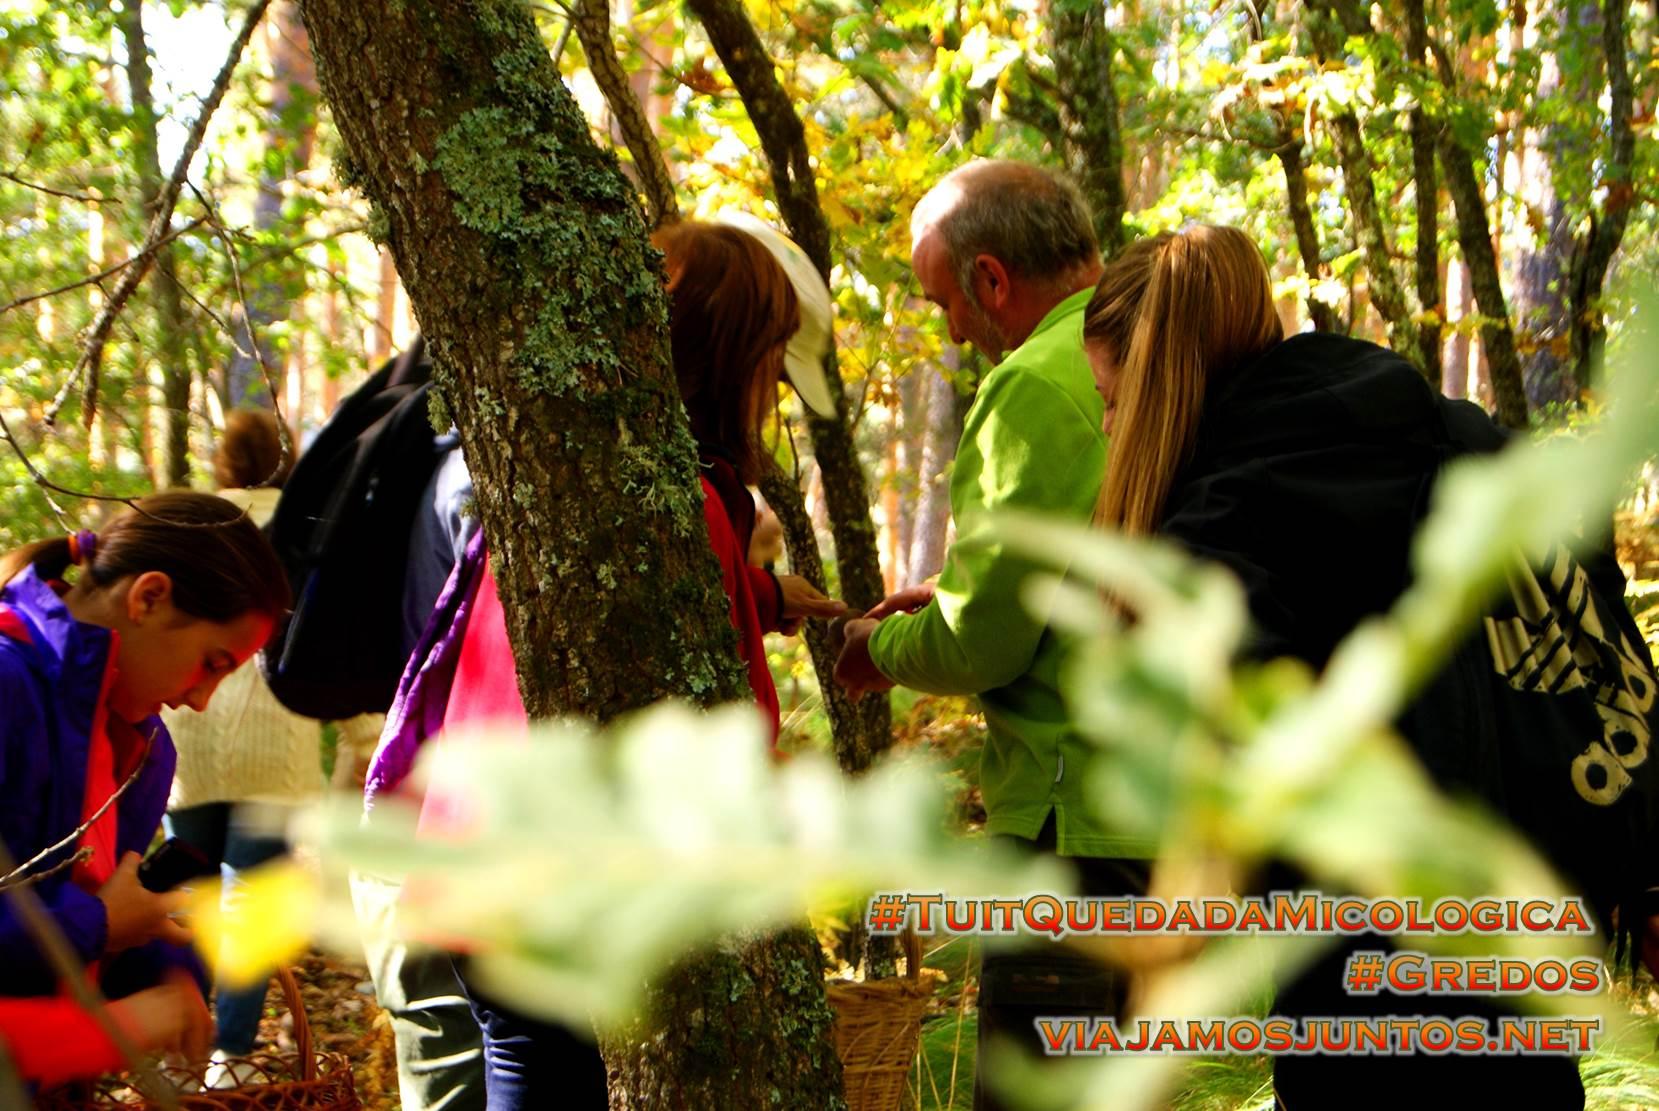 Cogiendo setas en el Pinar de Hoyocasero, Gredos, durante la #TuitQuedadaMicologica